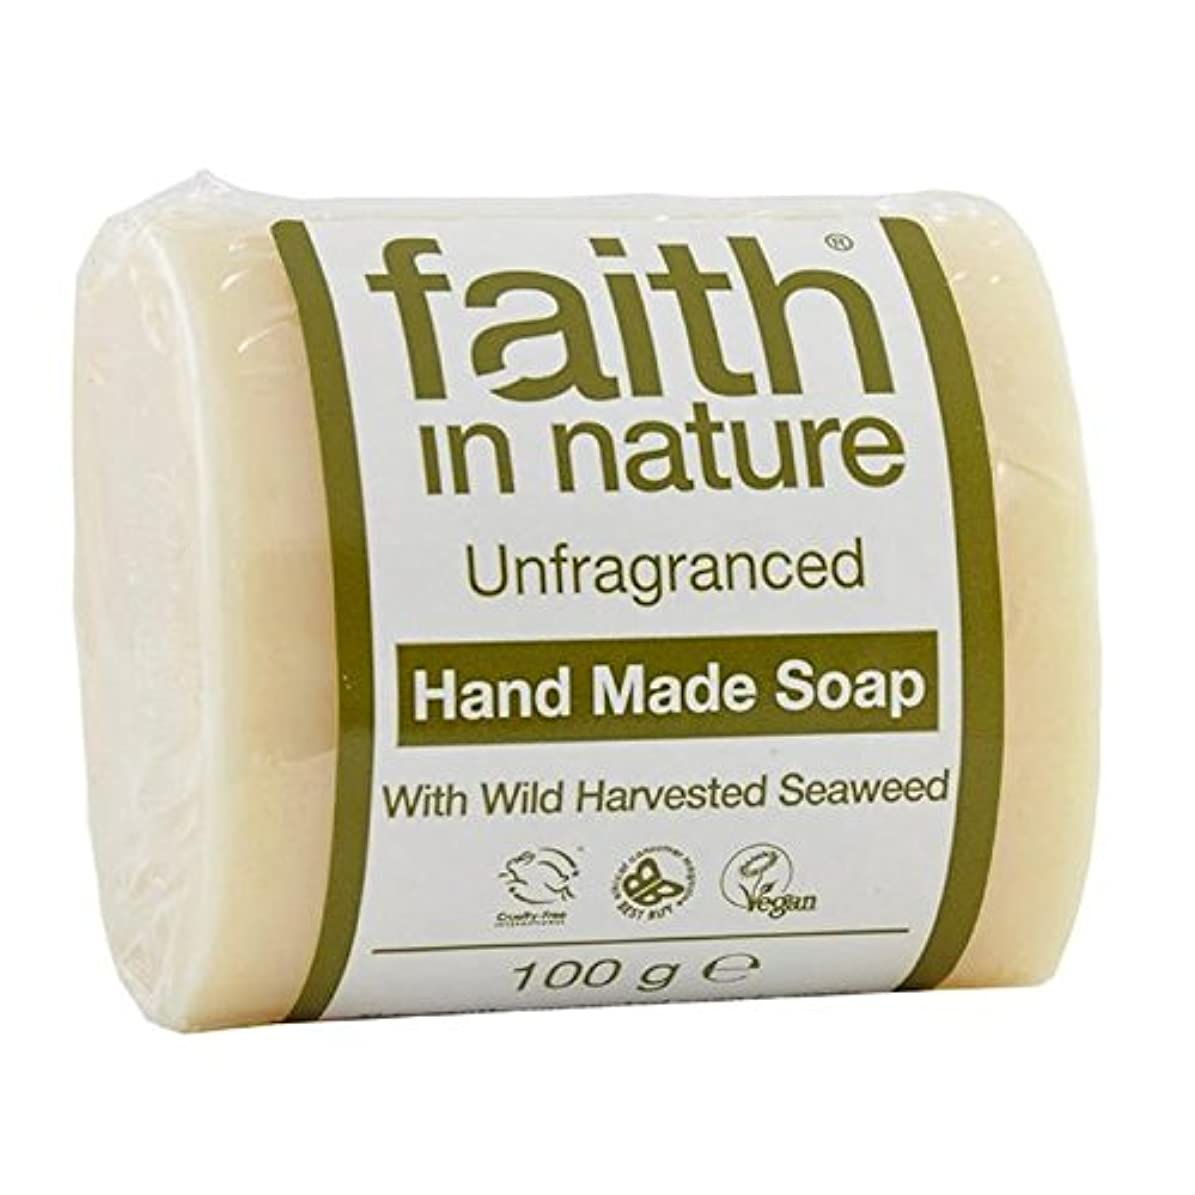 香水謝罪する心理的にFaith in Nature Unfragranced Pure Hand Made Soap 100g (Pack of 6) - (Faith In Nature) 自然の中で信仰は純粋な手作り石鹸100グラムを無香料...